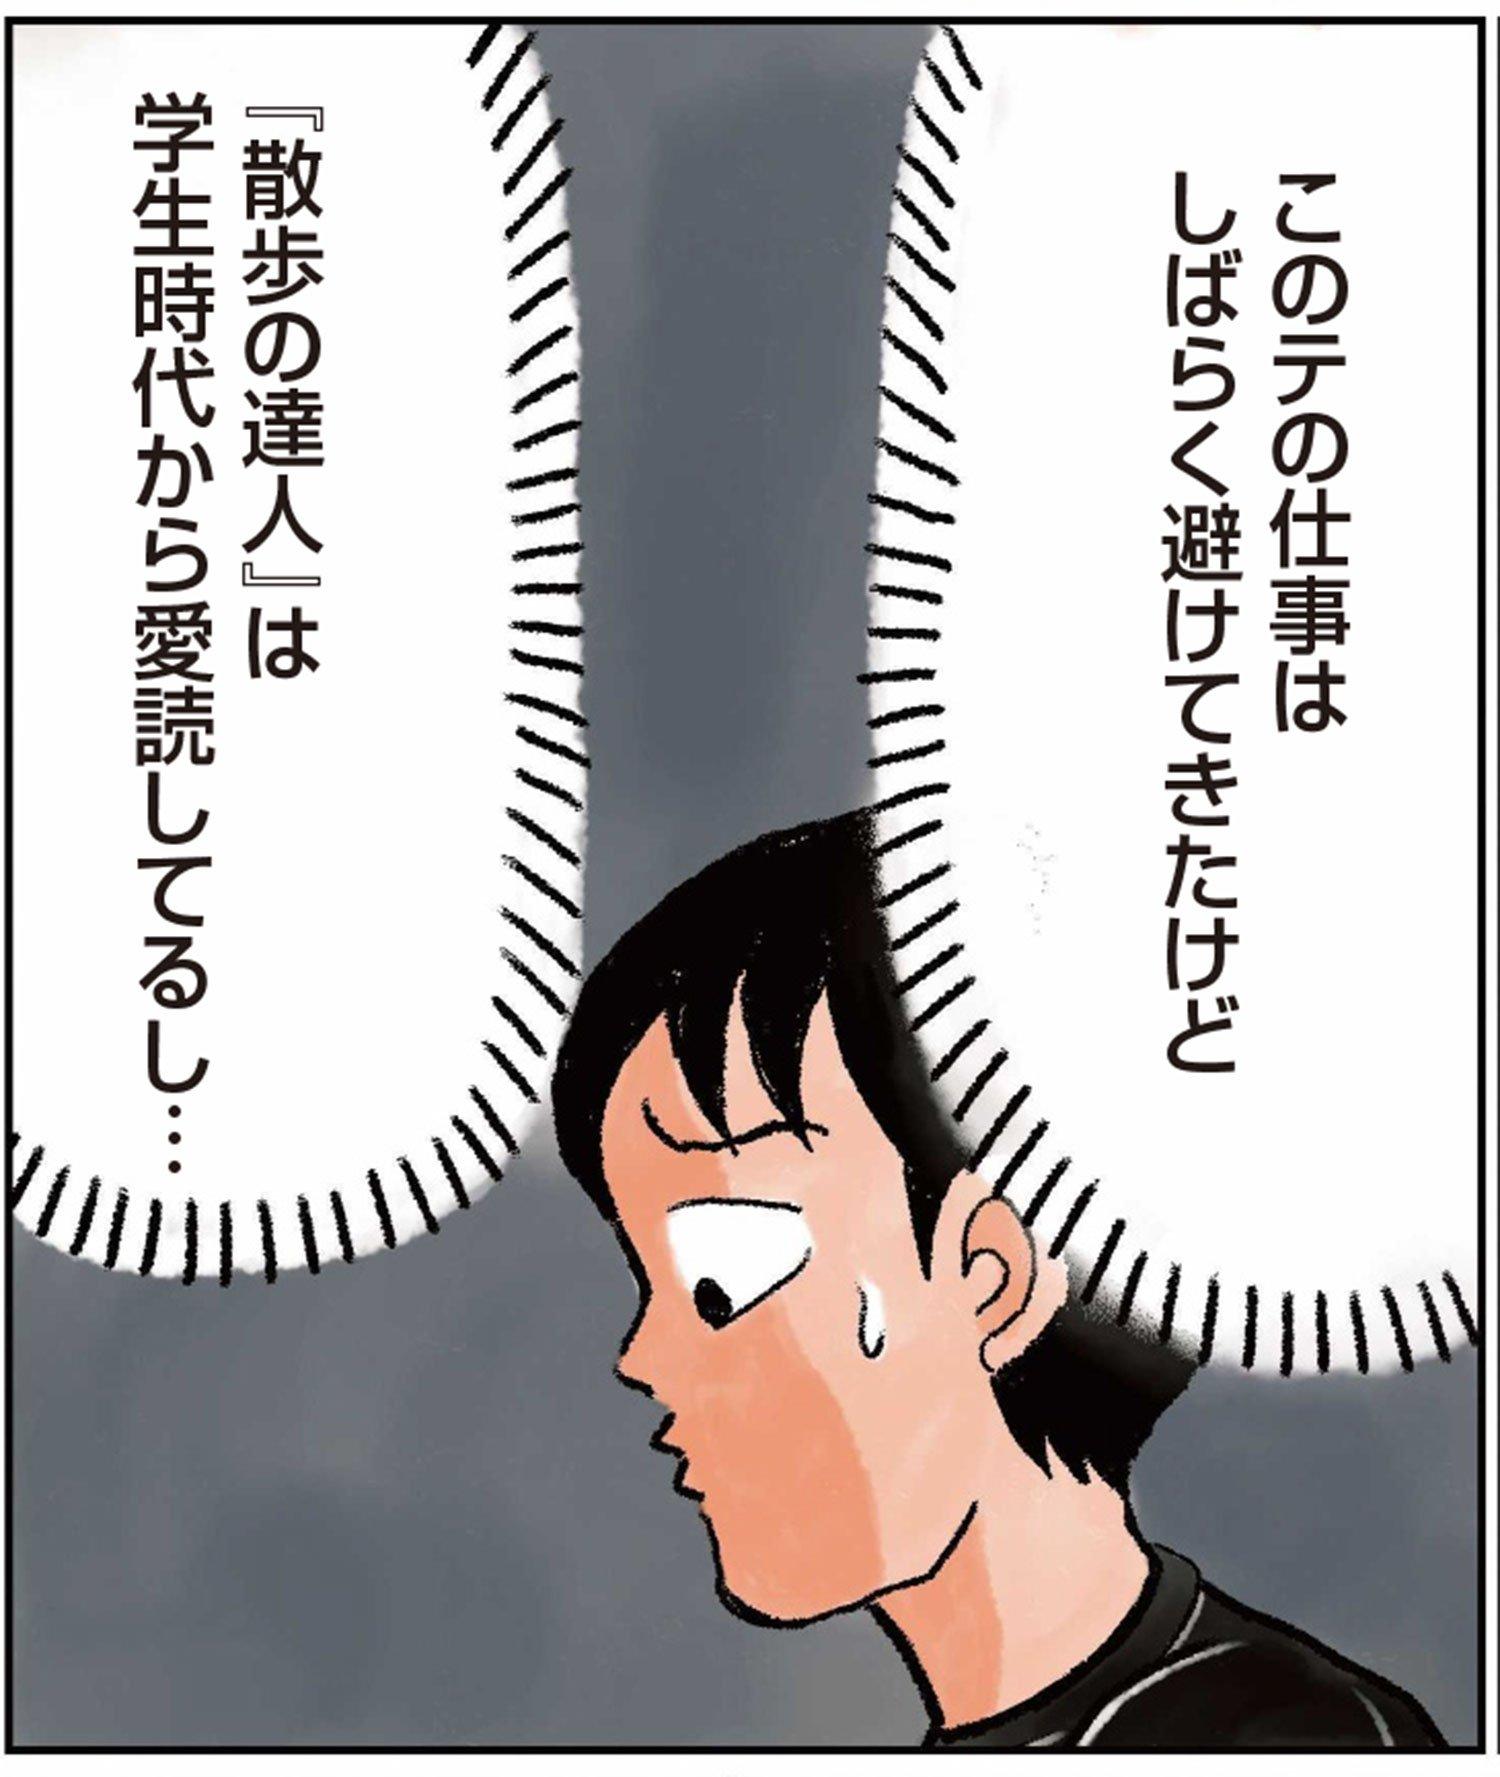 清野とおる07_03